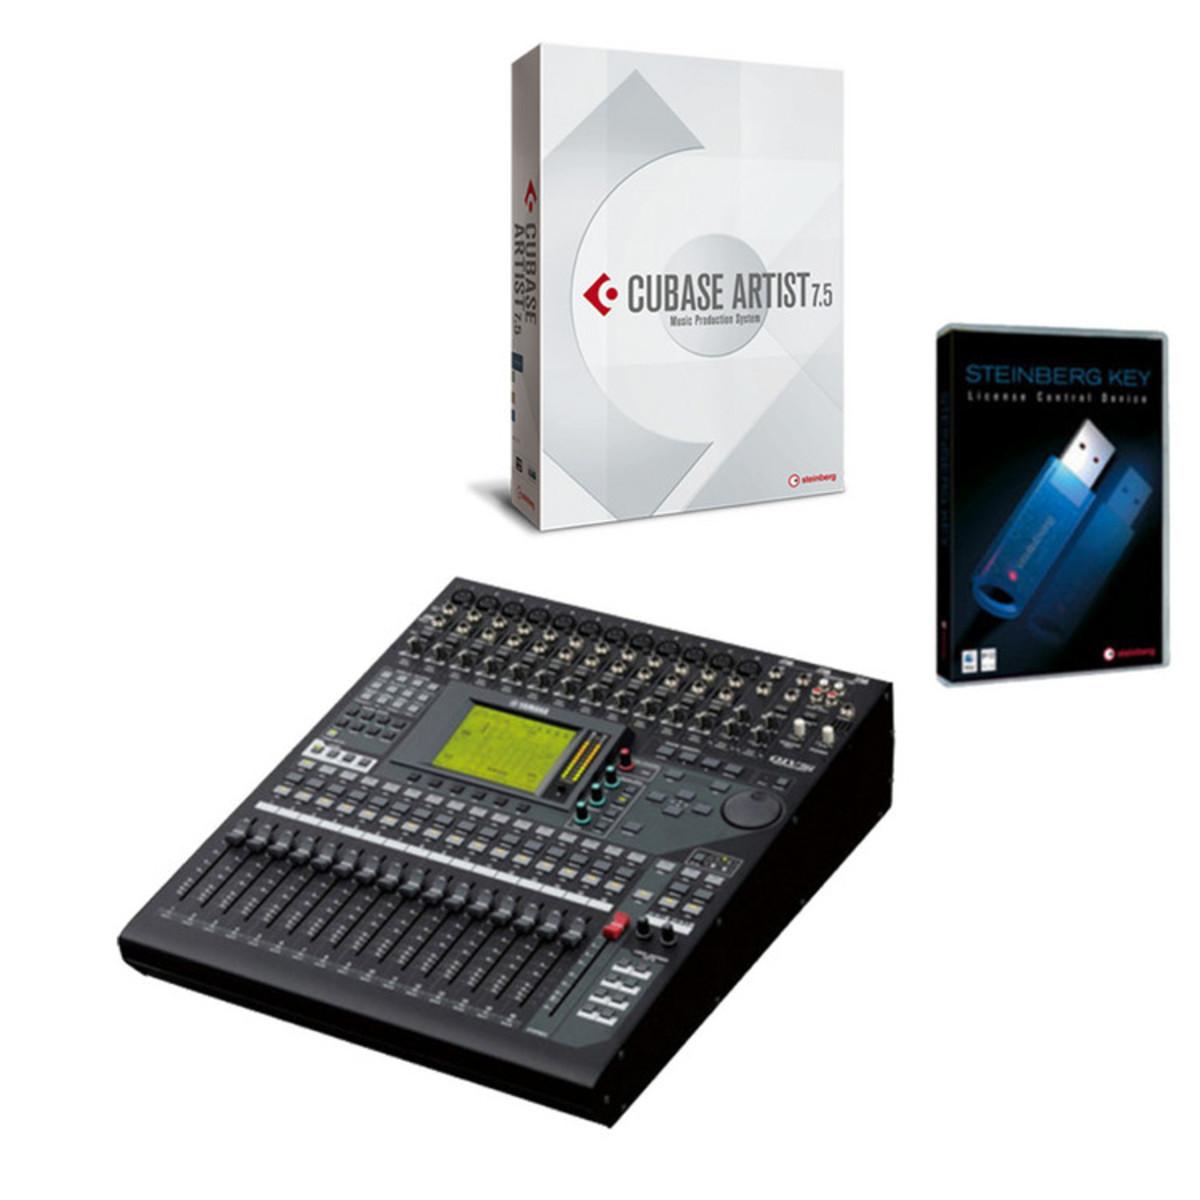 Disco Yamaha 01v96i Mezclador Digital Actualizaci N